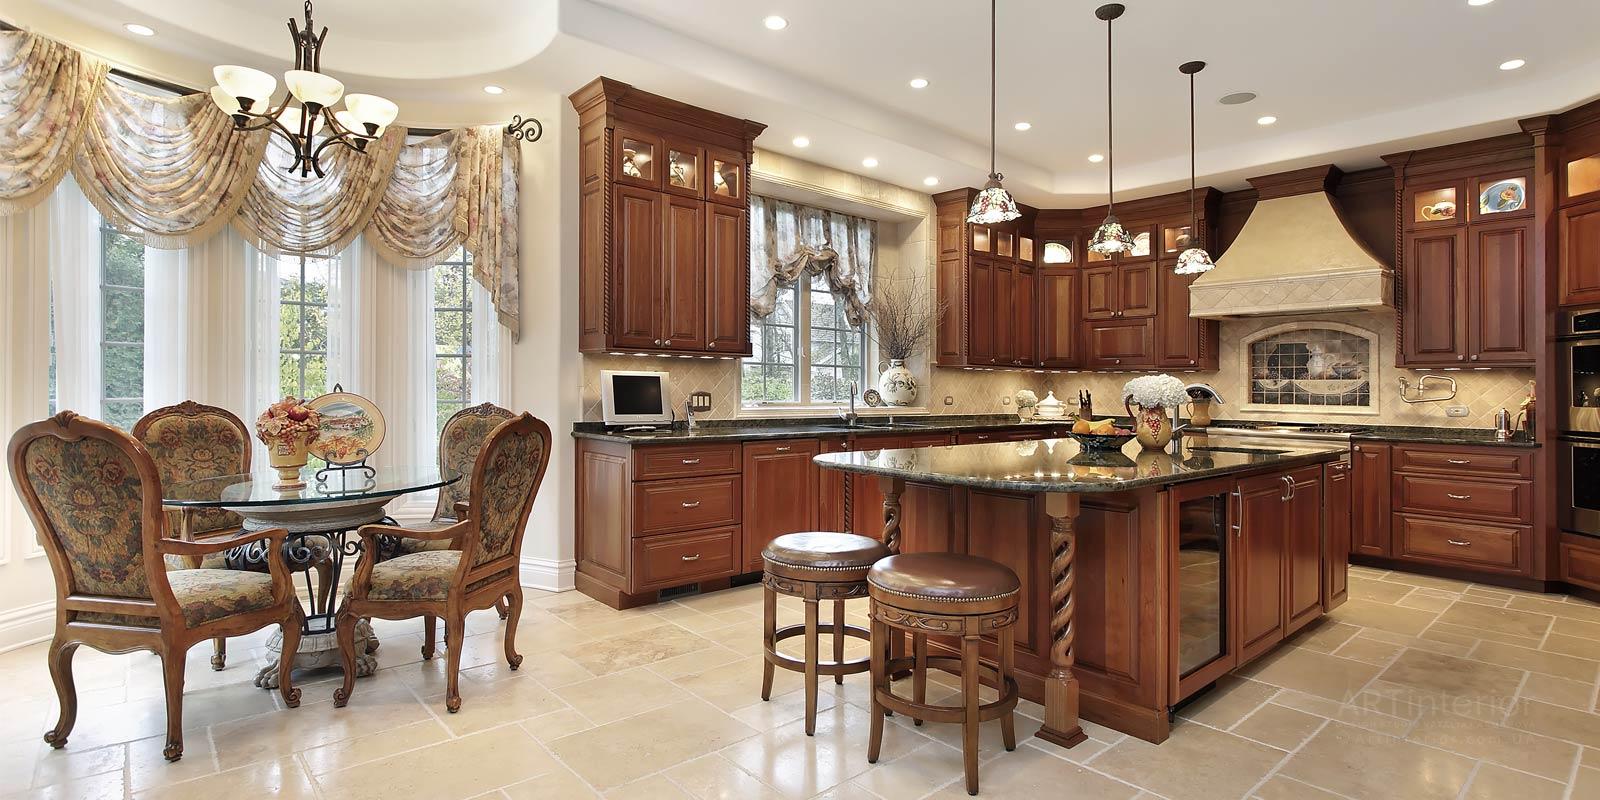 кухня классика | Дизайн и стиль интерьера квартиры, дома, офиса от «Artinterior», Киев, artinterior.com.ua